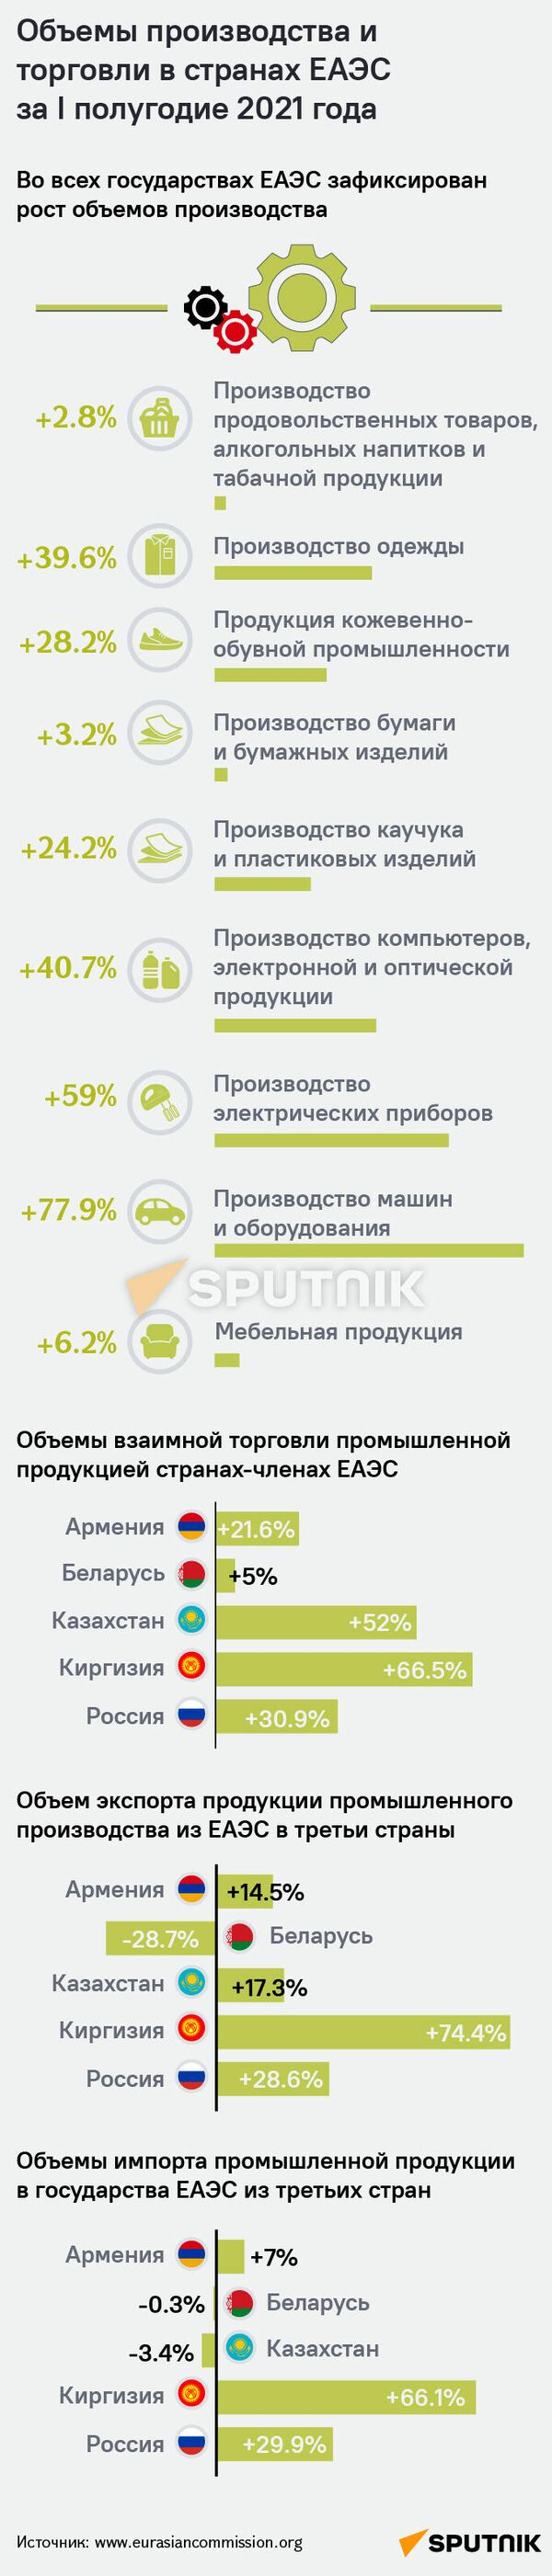 Объемы производства и торговли в странах ЕАЭС за I полугодие 2021 года - Sputnik Армения